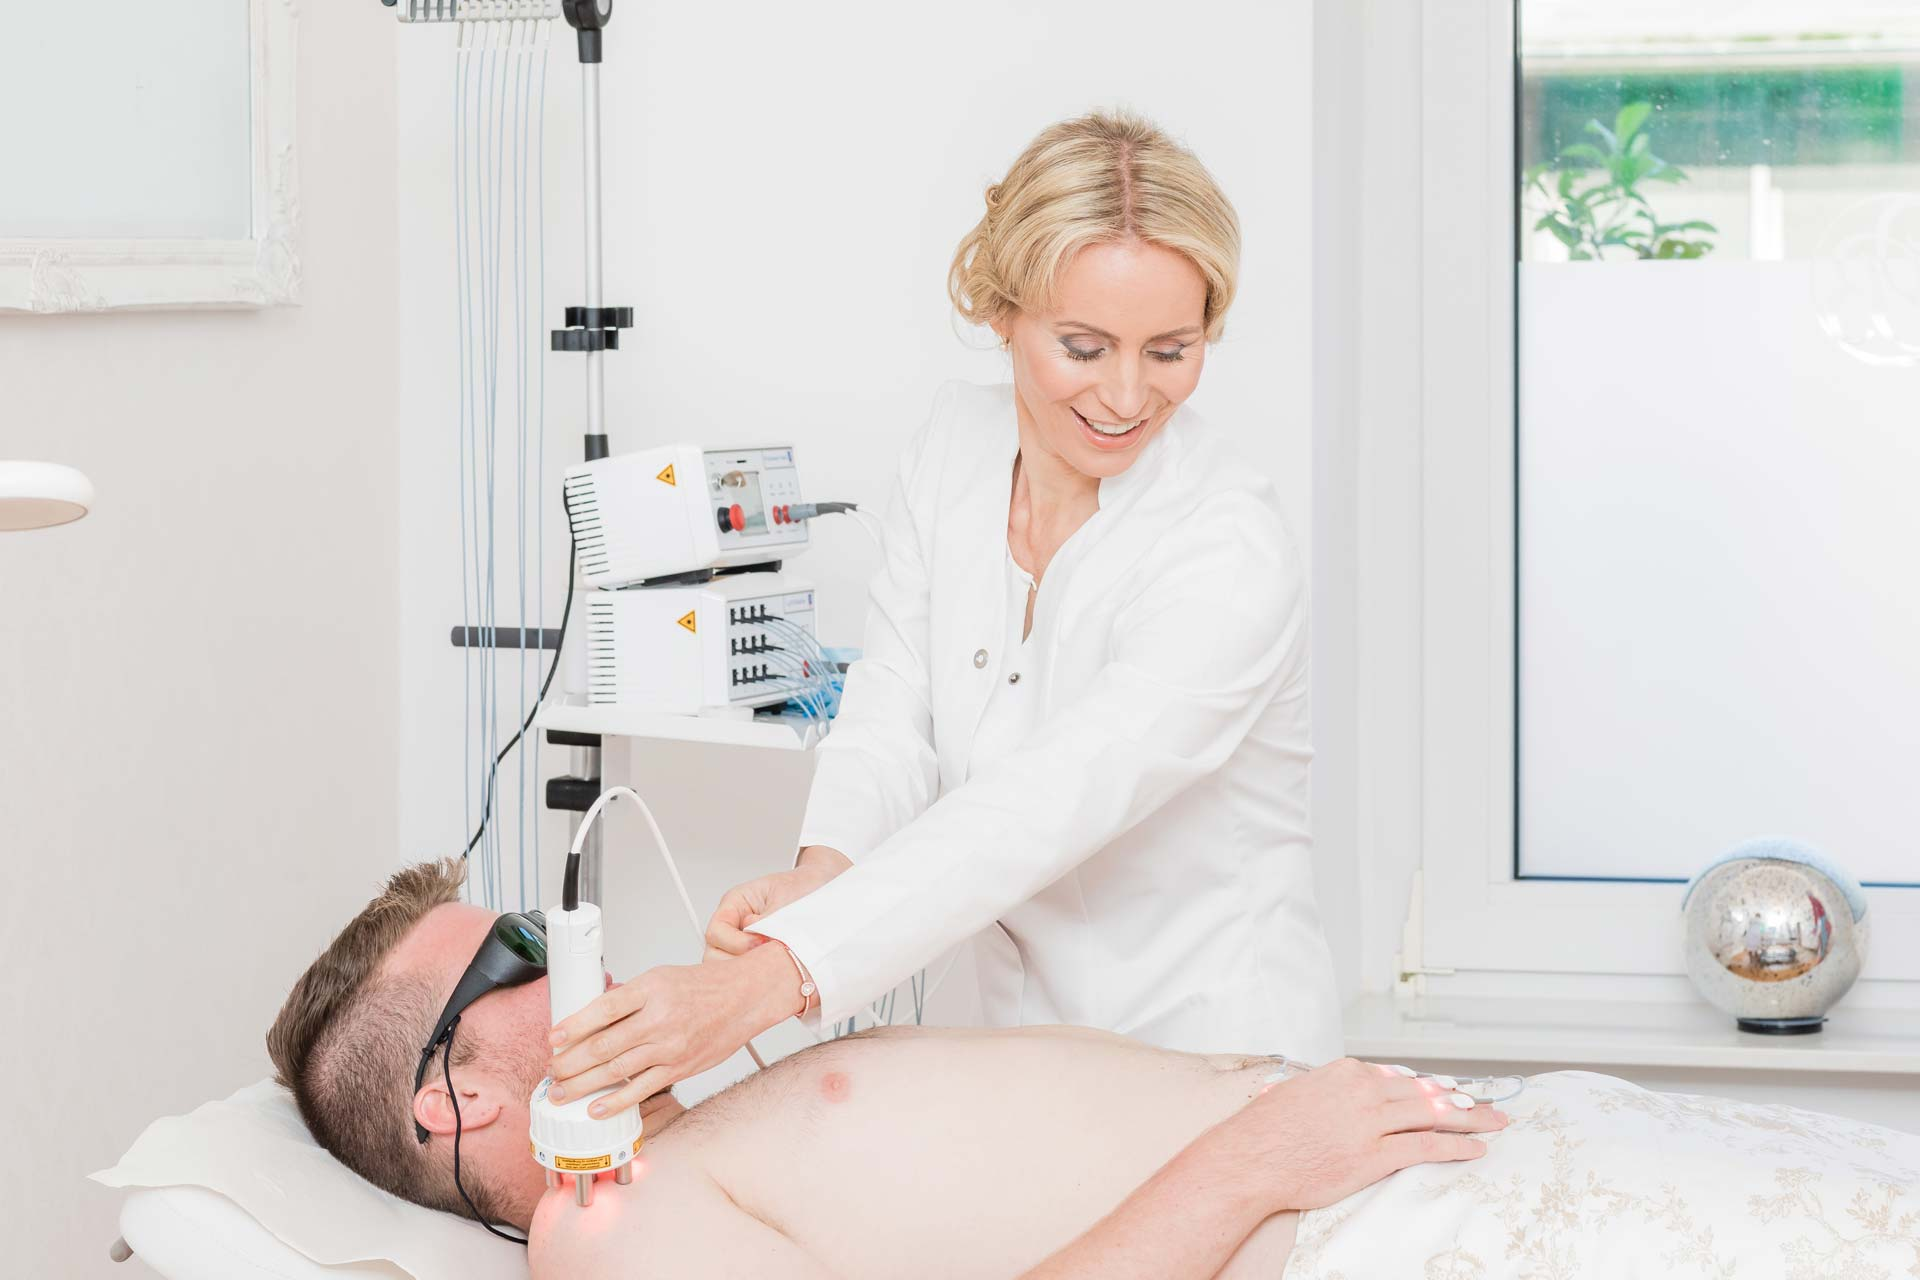 Privatarztpraxis Integrative Medizin – Laserakupunktur in Braunschweig.